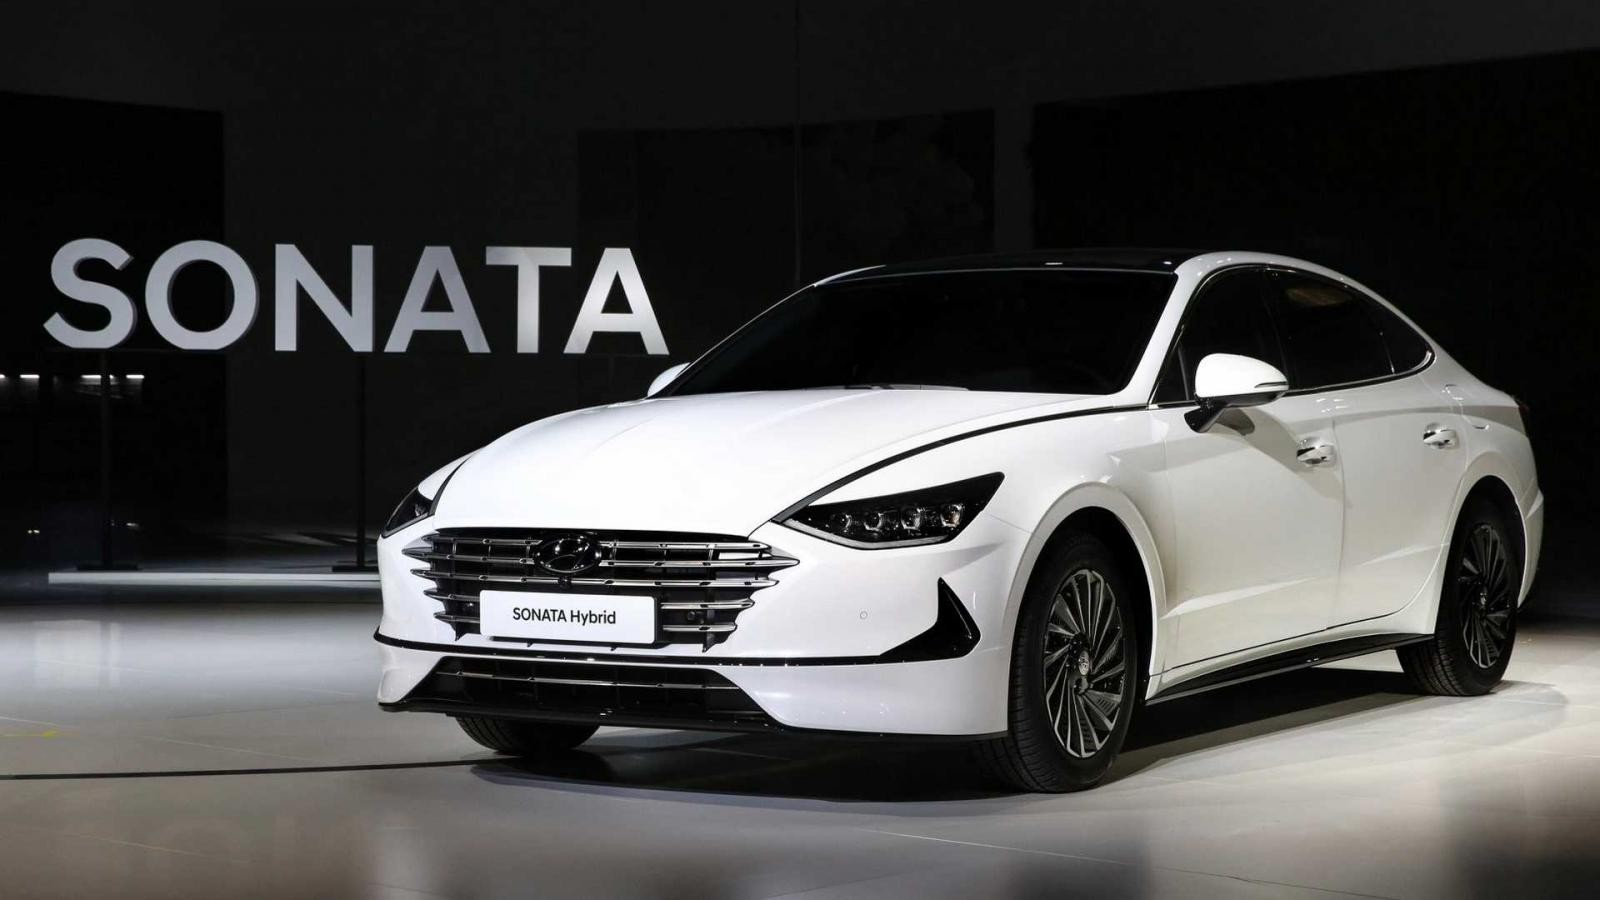 Hyundai Sonata Hybrid 2020 được trang bị bộ vành riêng